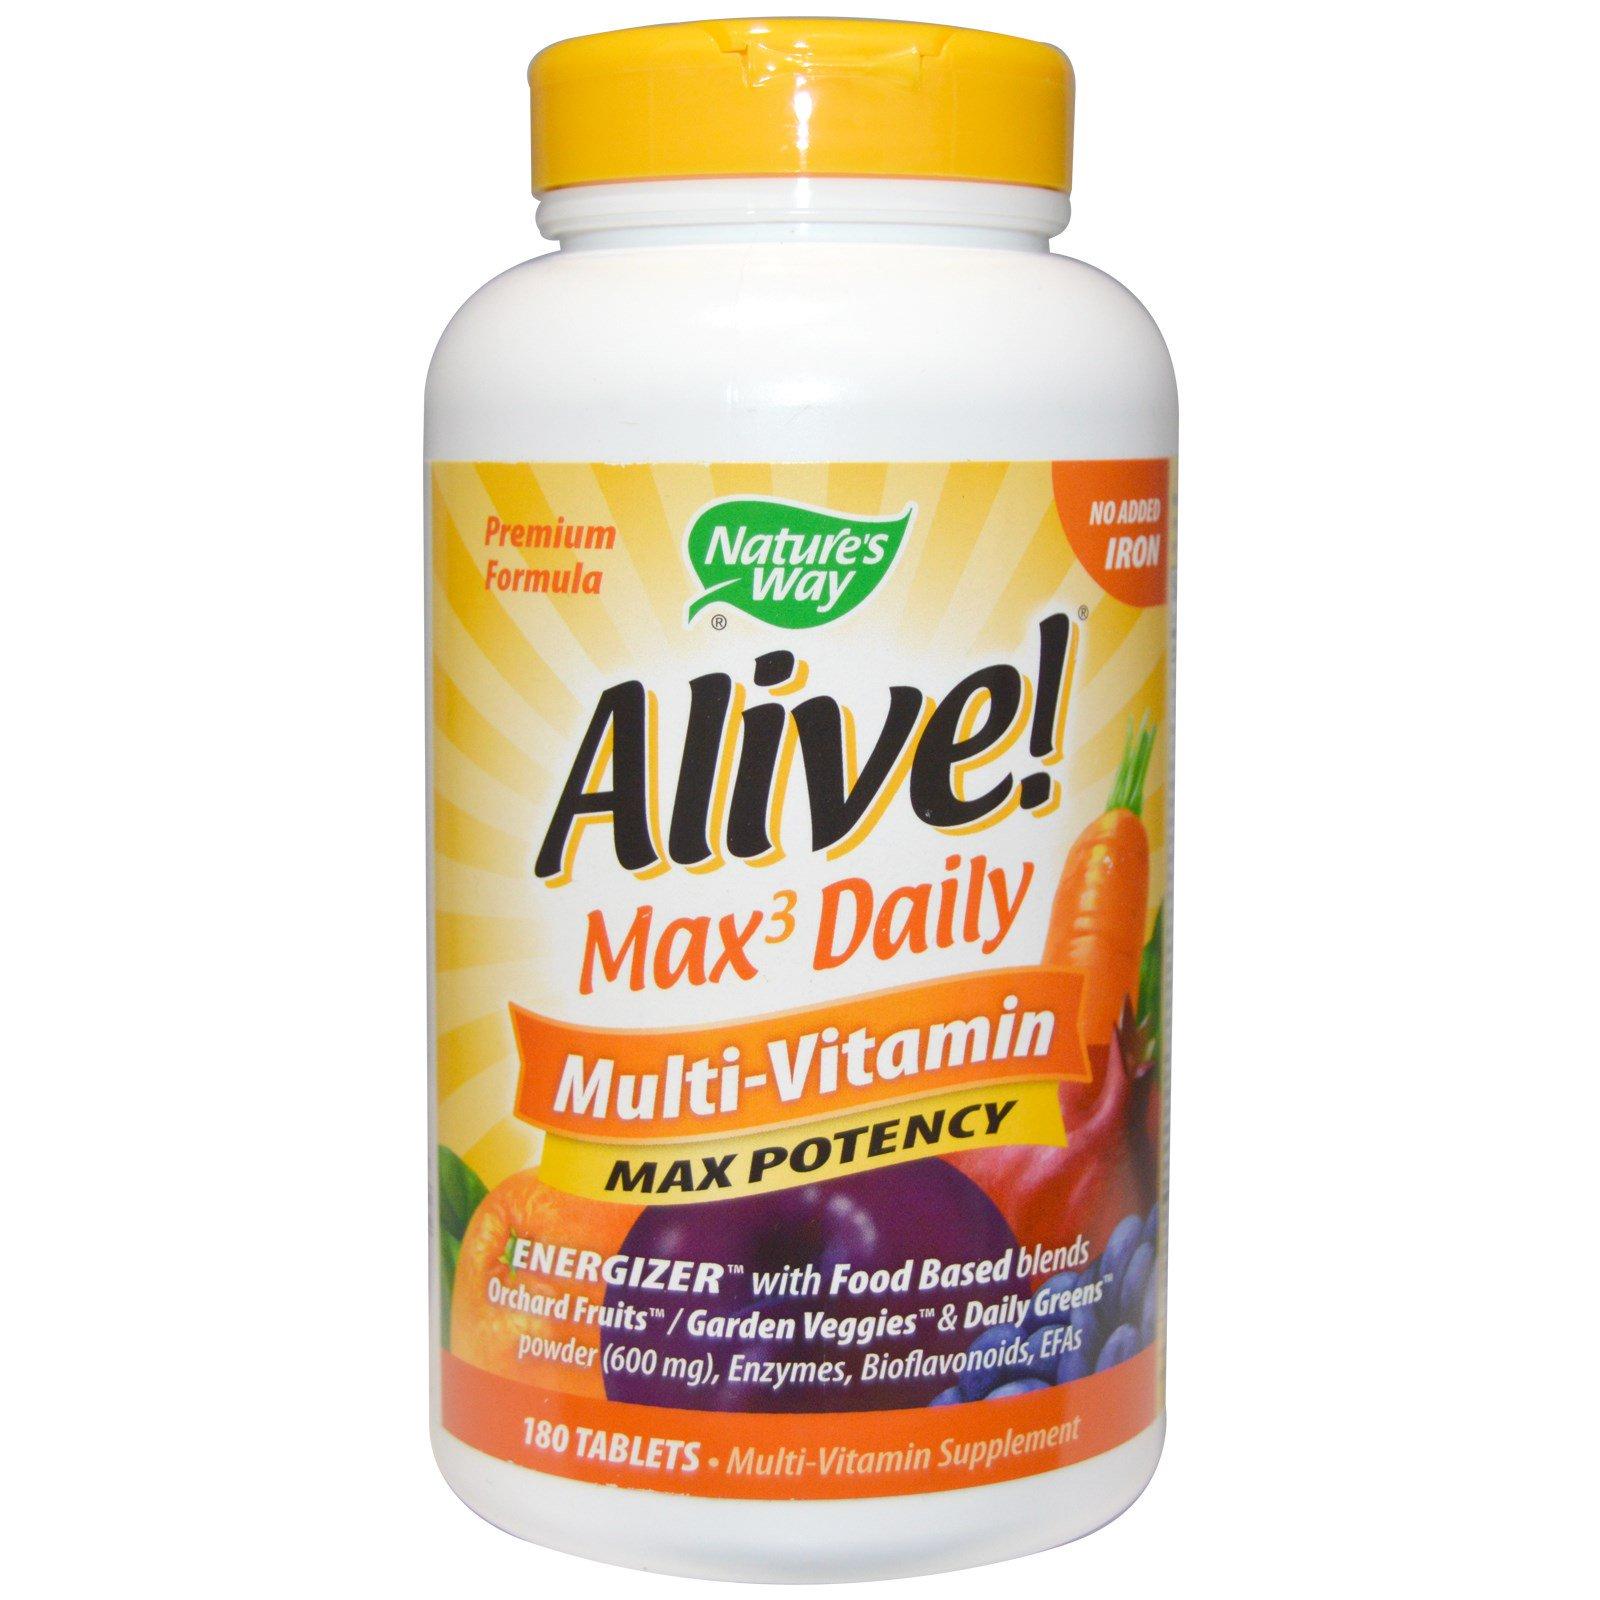 【勉強】マルチビタミン・ミネラルの効果とオススメのサプリメント【集中】